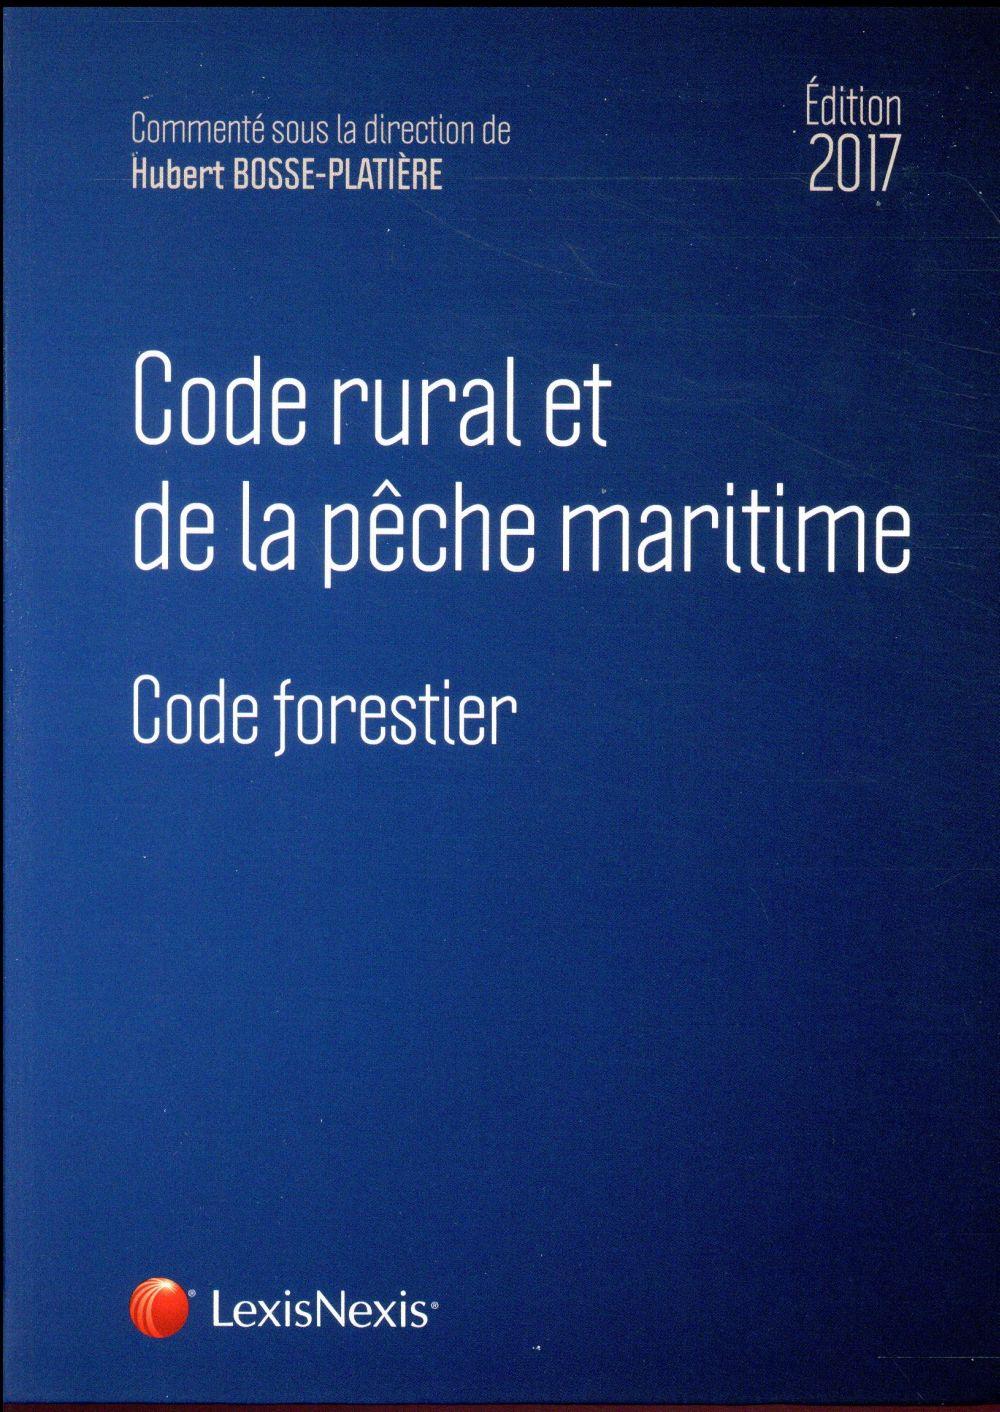 CODE RURAL ET DE LA PECHE MARITIME 2017 - CODE FORESTIER